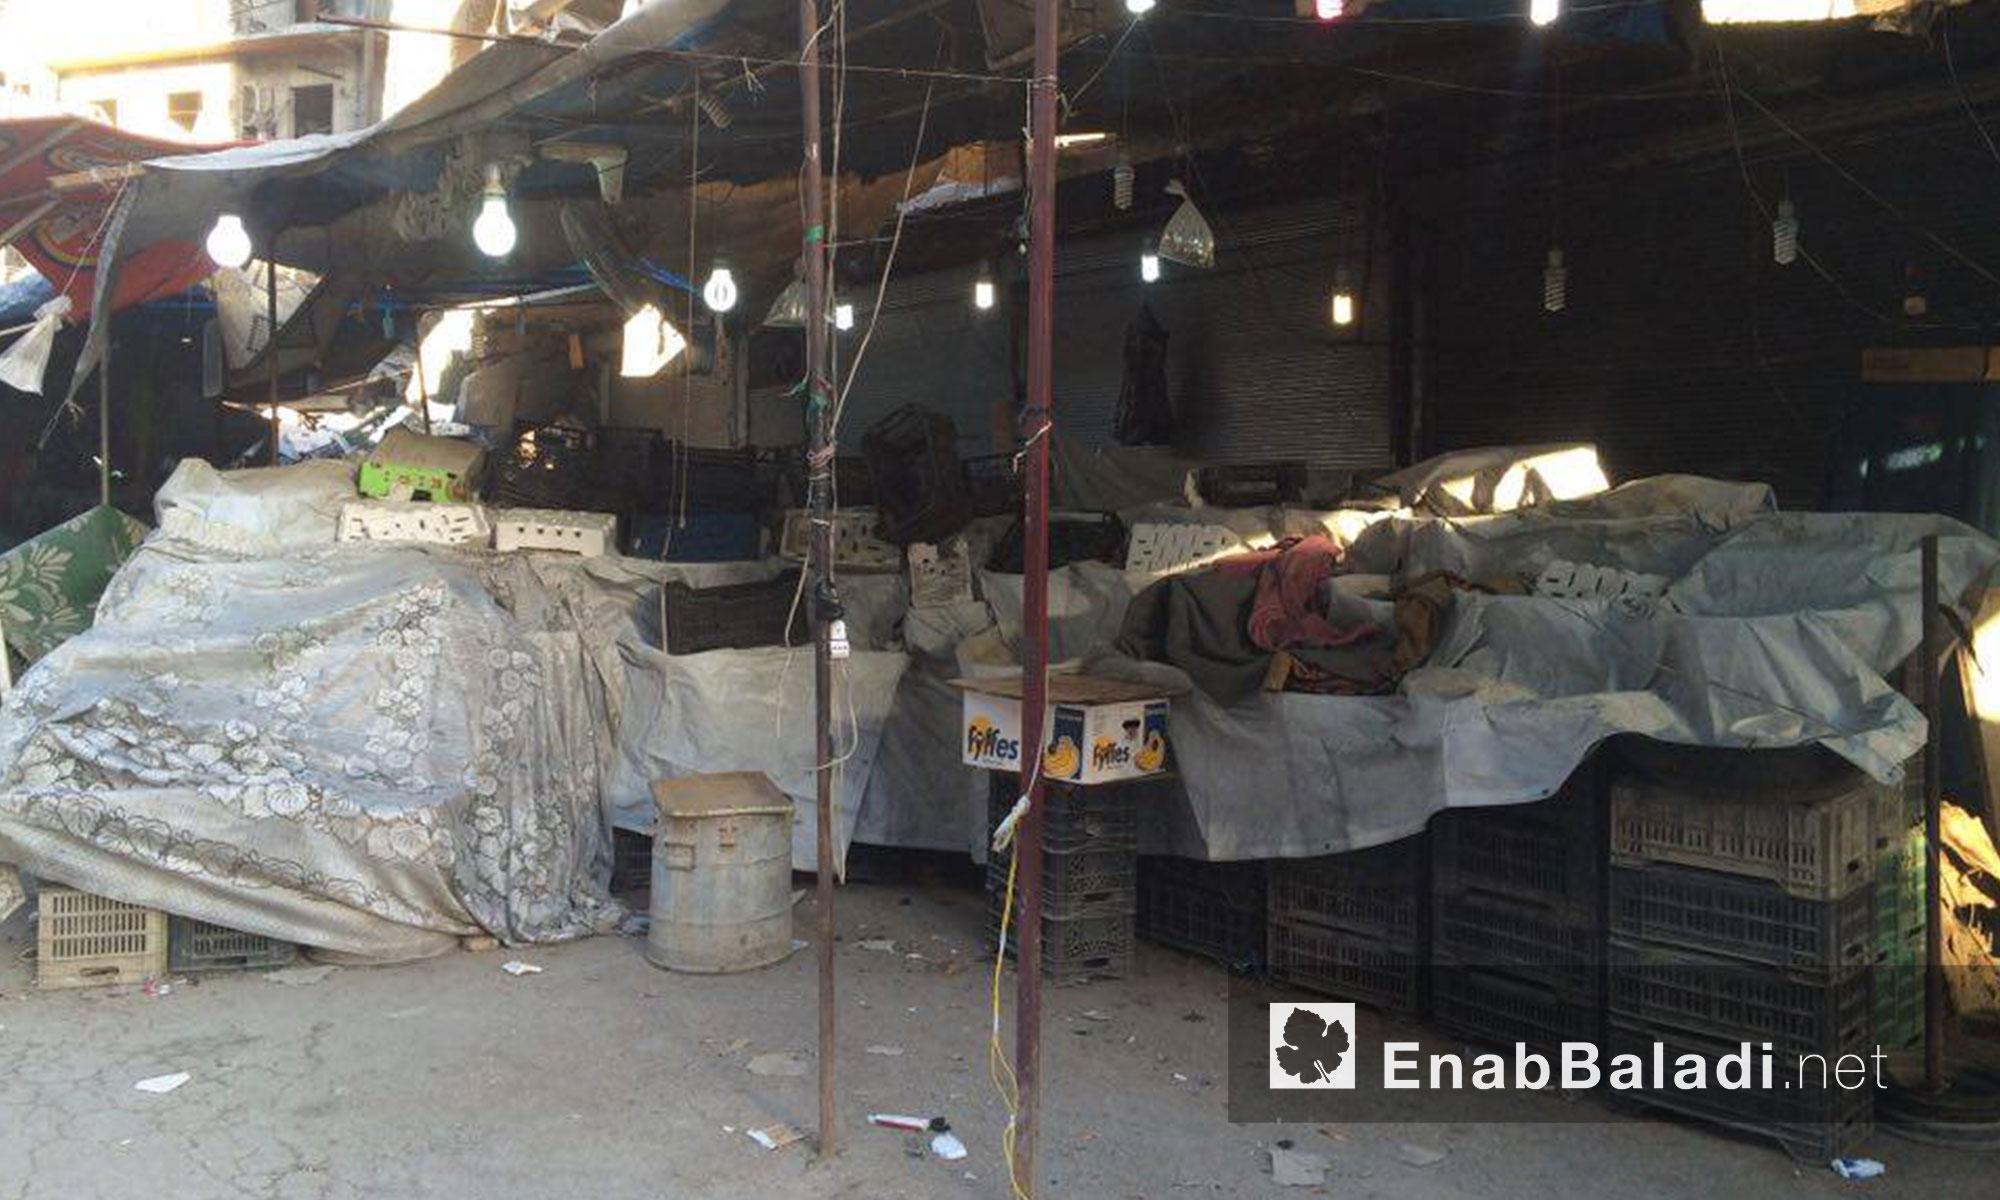 """يدخل الحصار في مدينة حلب يومه الرابع في ظل استمرار رصد قوات الأسد طريق """"الكاستيلو"""" ناريًا"""